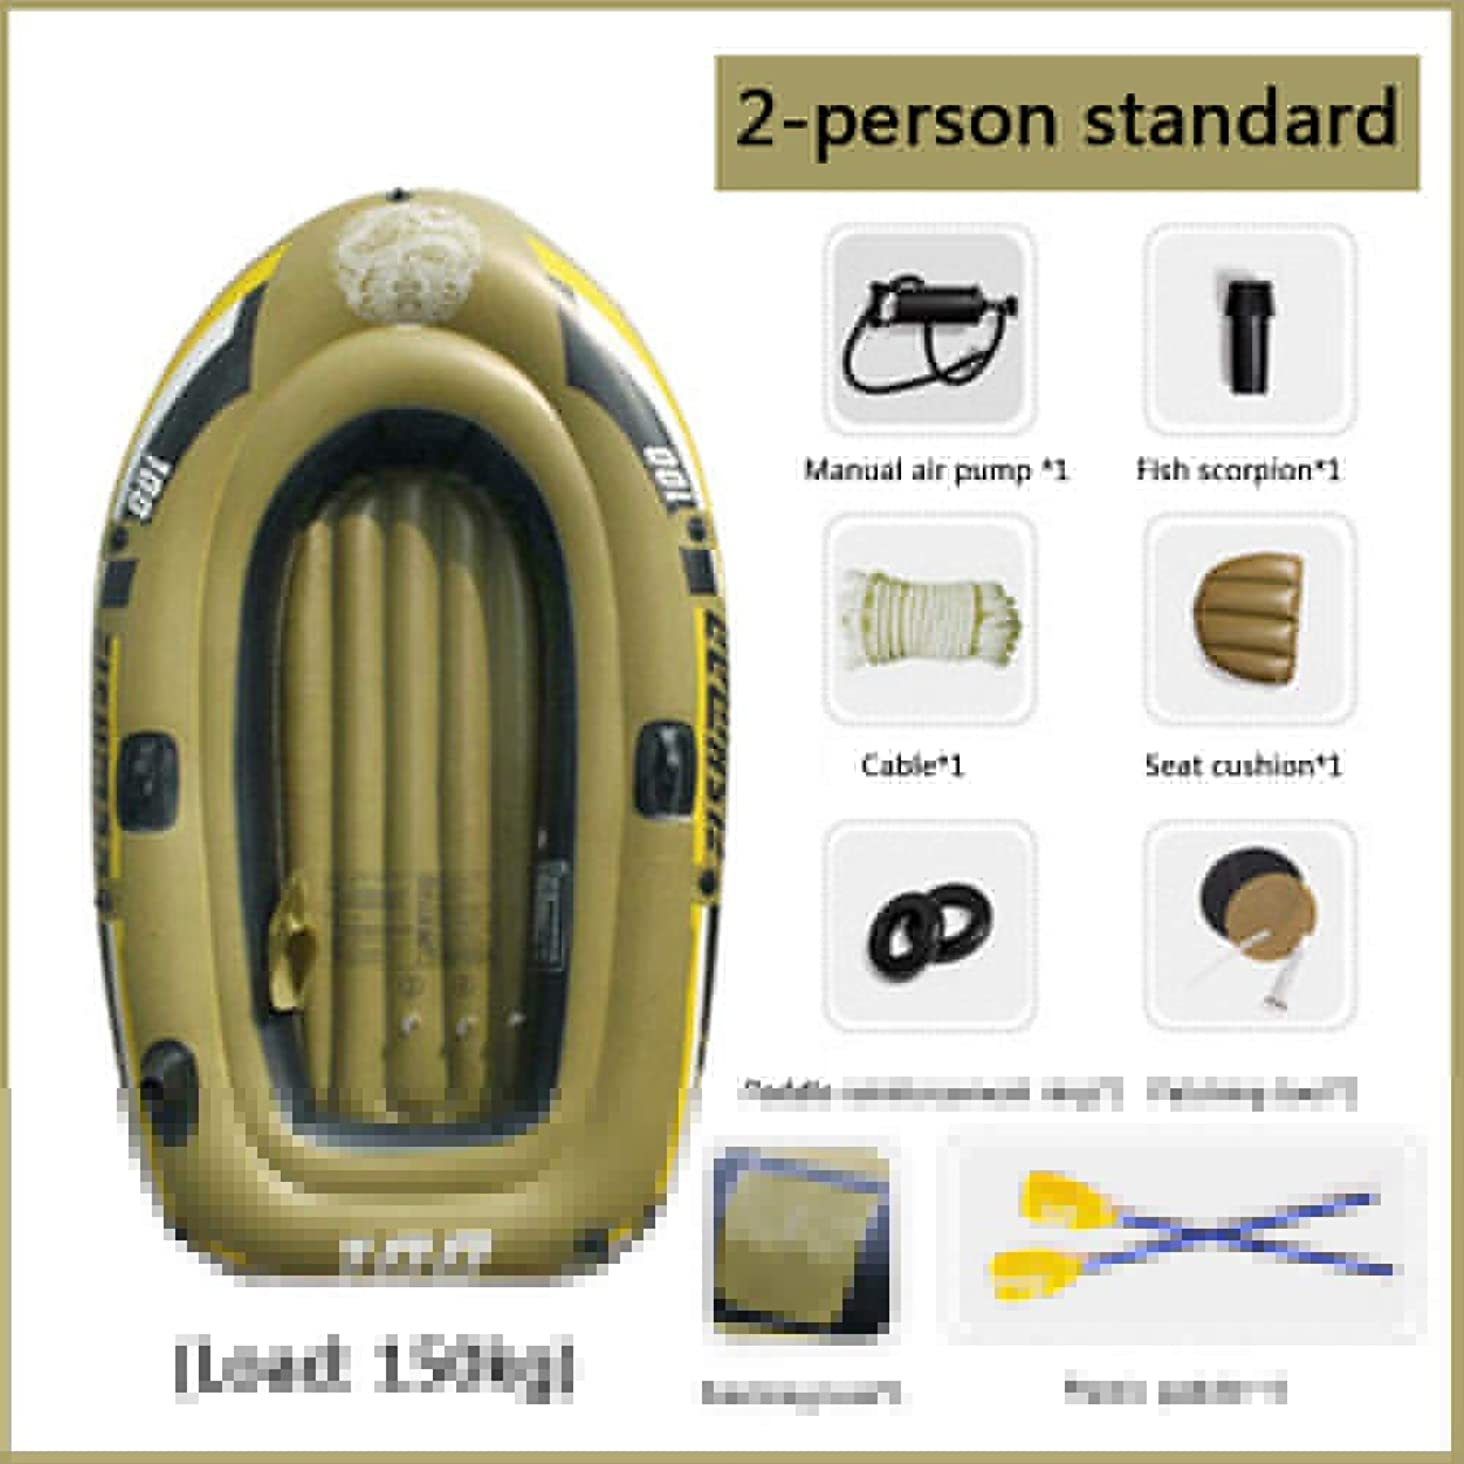 変更可能シリングバスルーム厚手ゴムボートインフレータブルボートセットパドルとハンドポンプ2人インフレータブルボートカヤックイエロー、キャリー150キロ